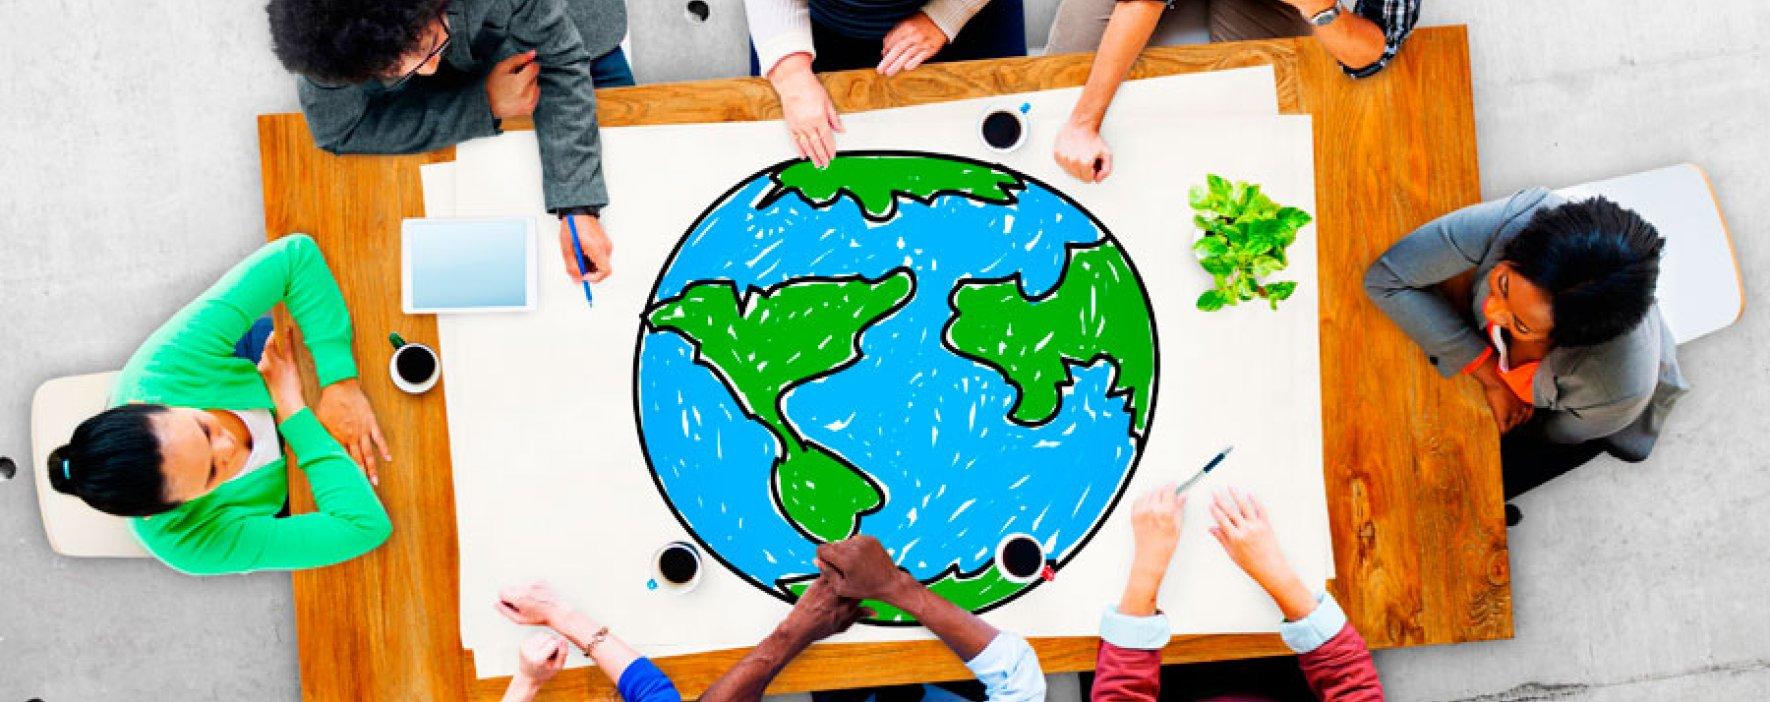 Las fundaciones se unen para lograr las Metas de Desarrollo Sustentable